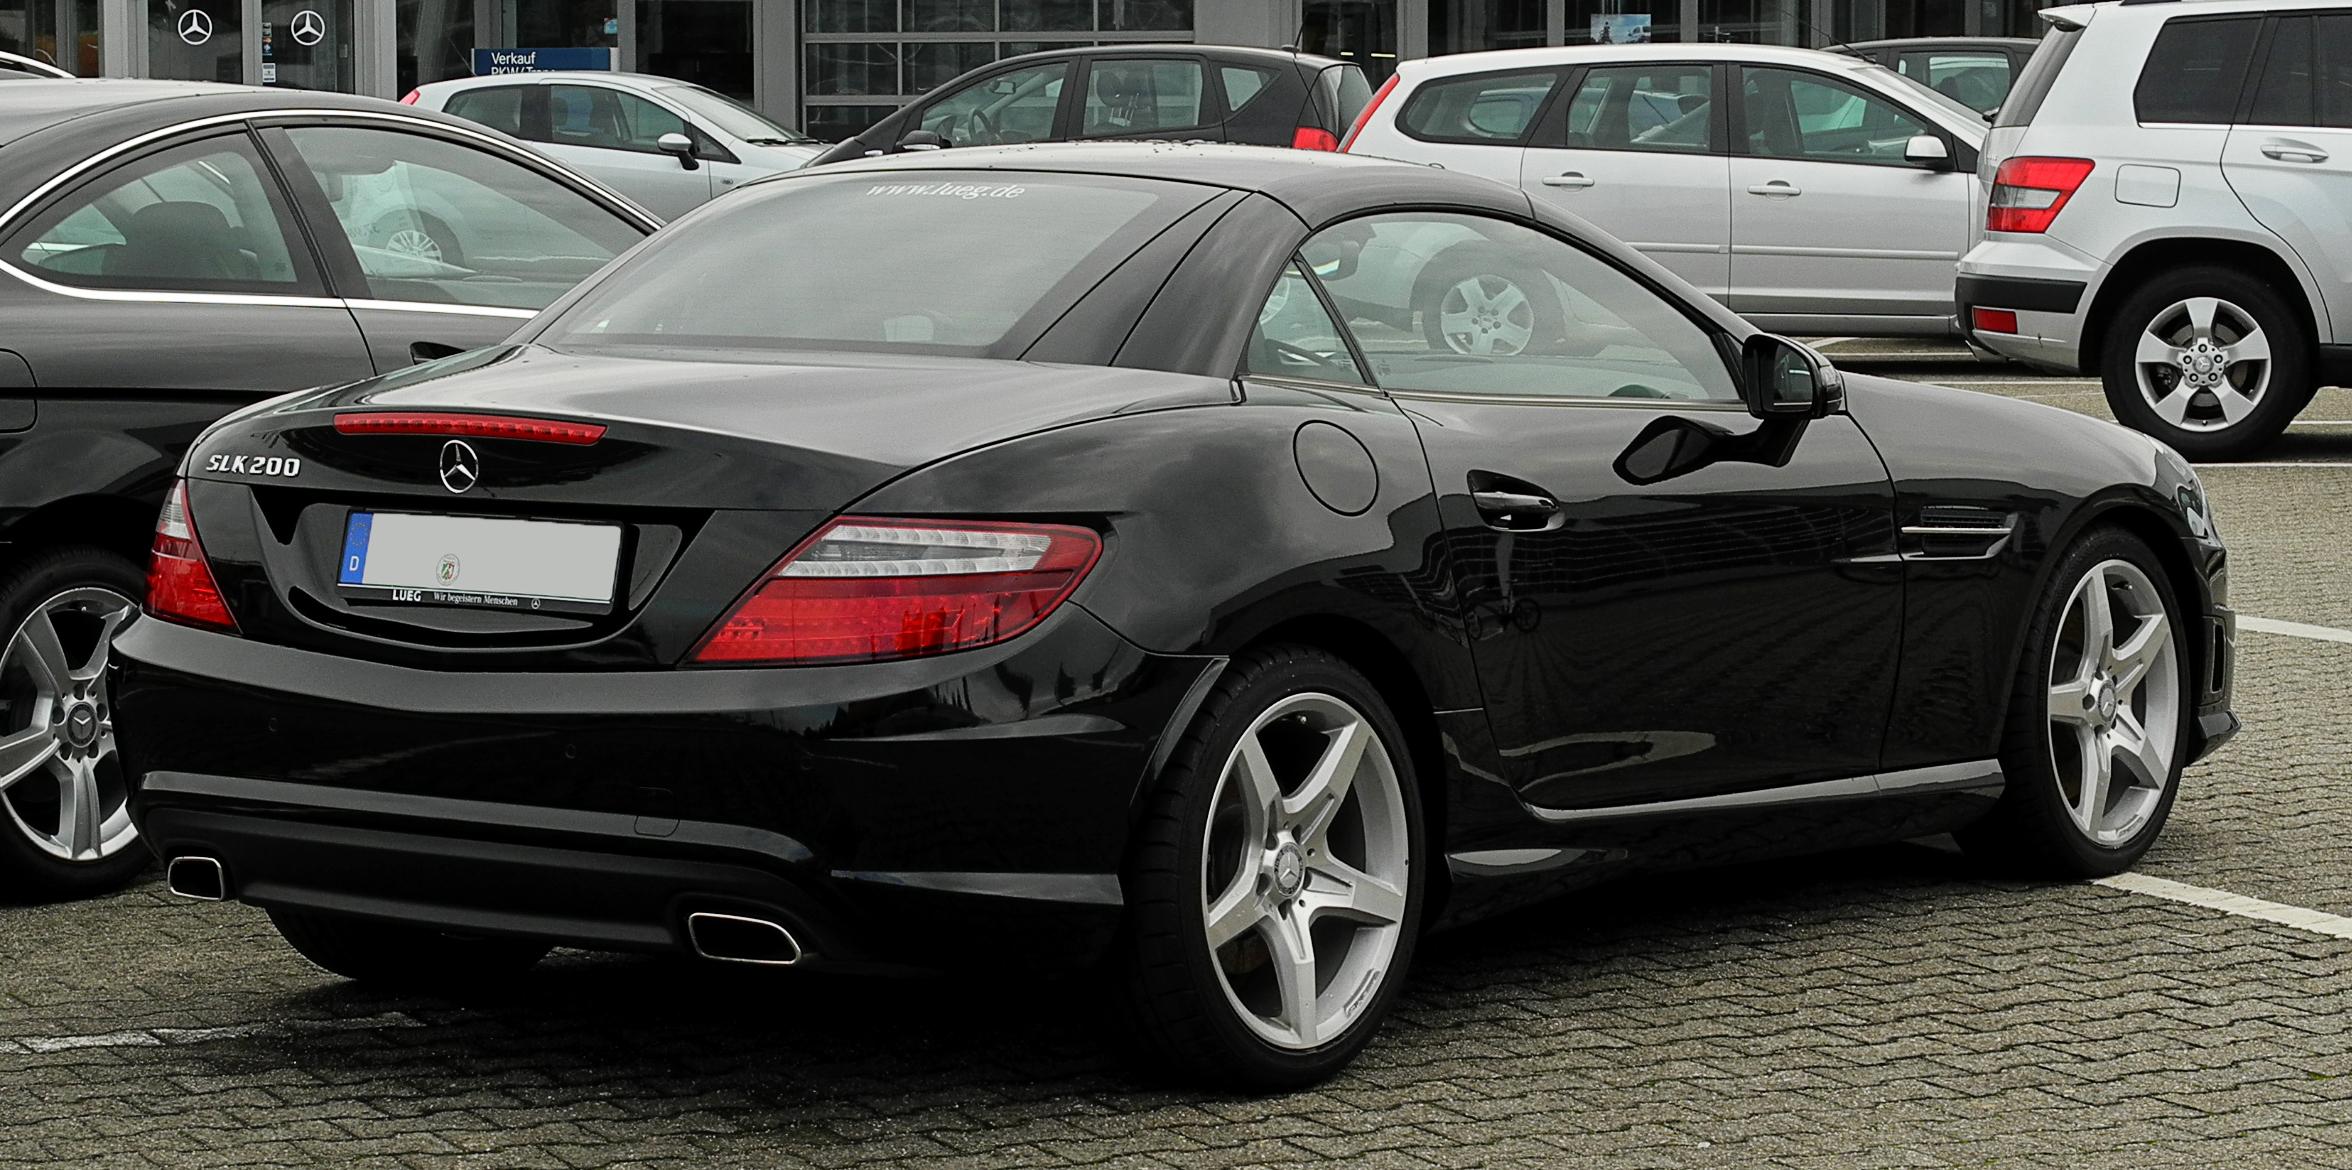 File Mercedes Benz Slk 200 Blueefficiency Sport Paket Amg R 172